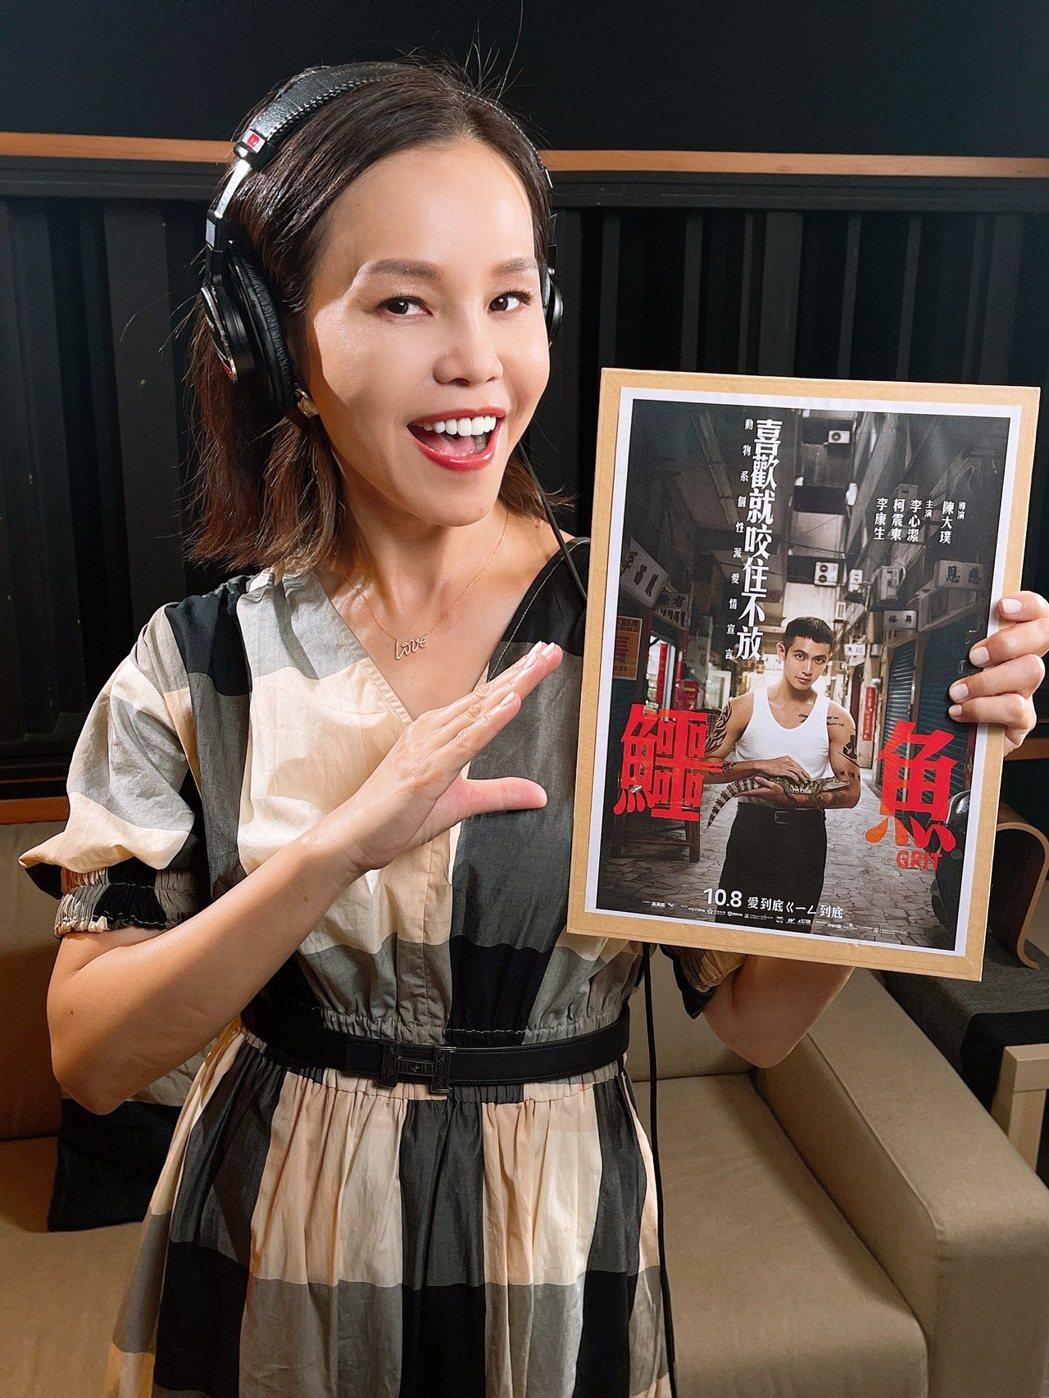 彭佳慧應邀替電影「鱷魚」演唱同名主題曲「鱷魚」。圖/台北双喜提供